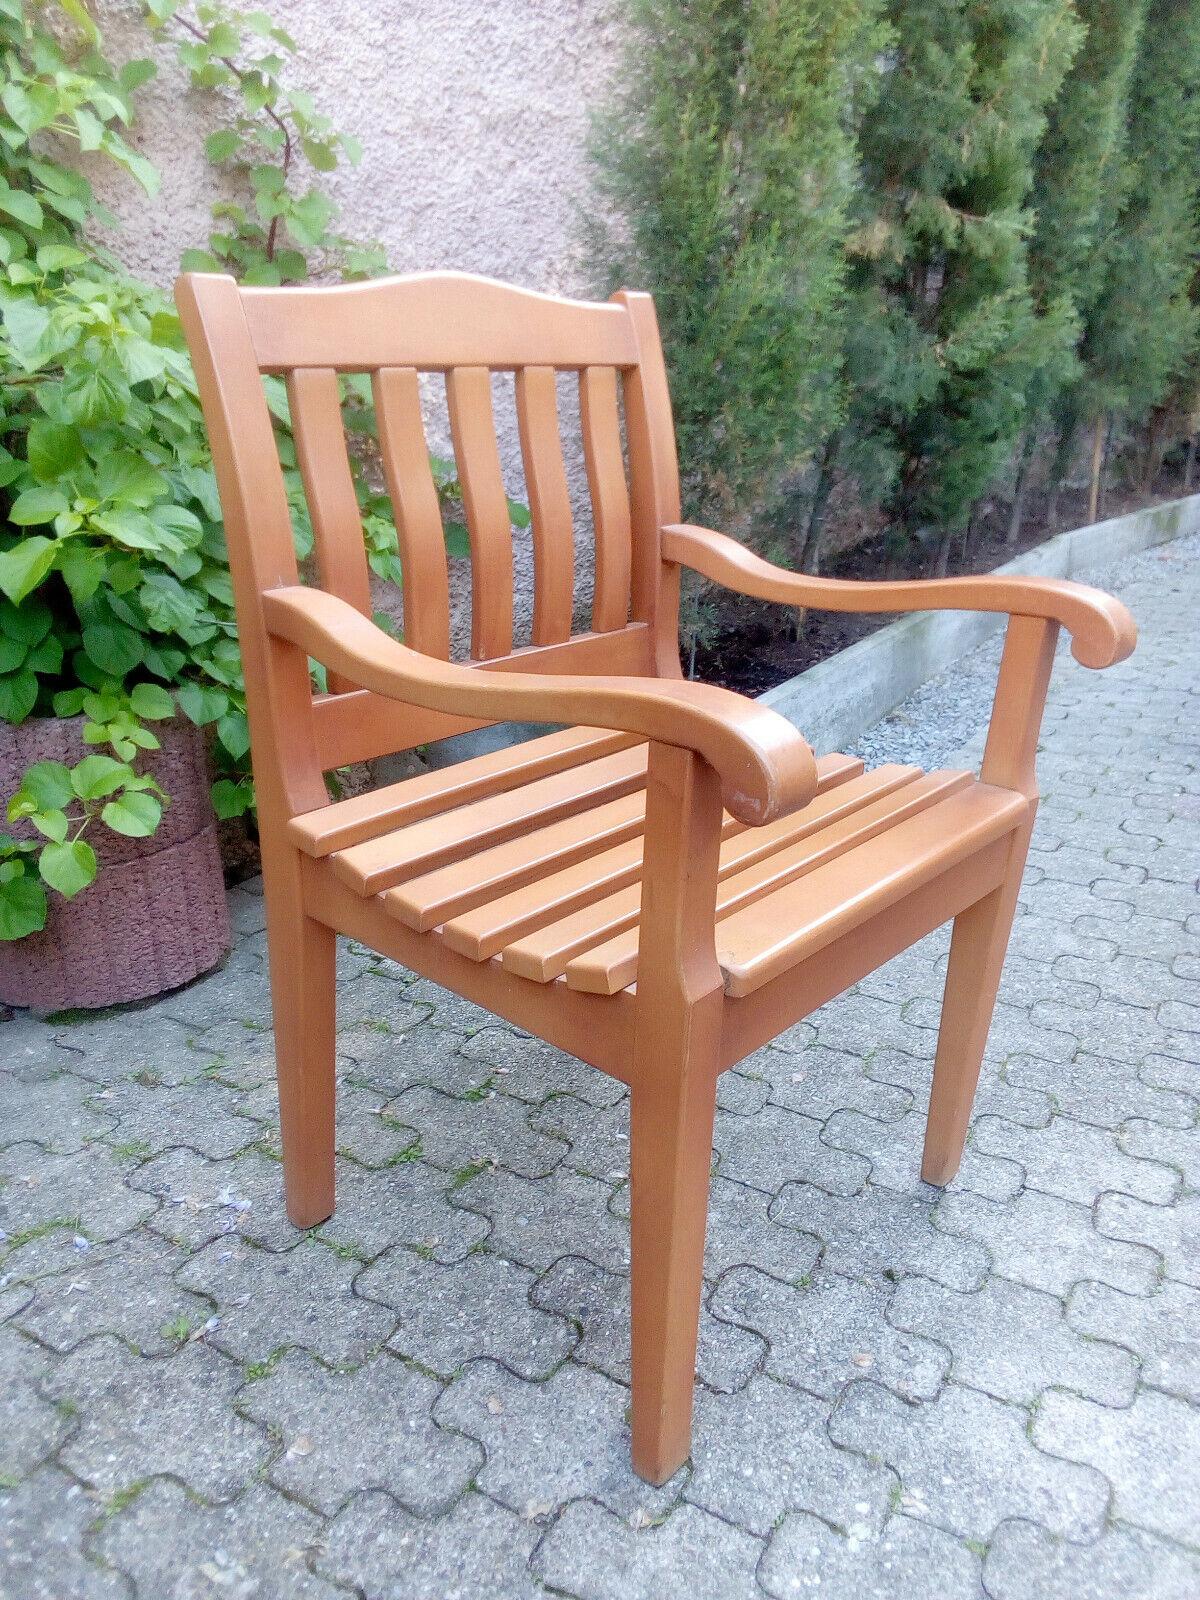 2 Hochwertige Holz Gartensessel Gartenstühle -Schreinerqualität- Top Zustand